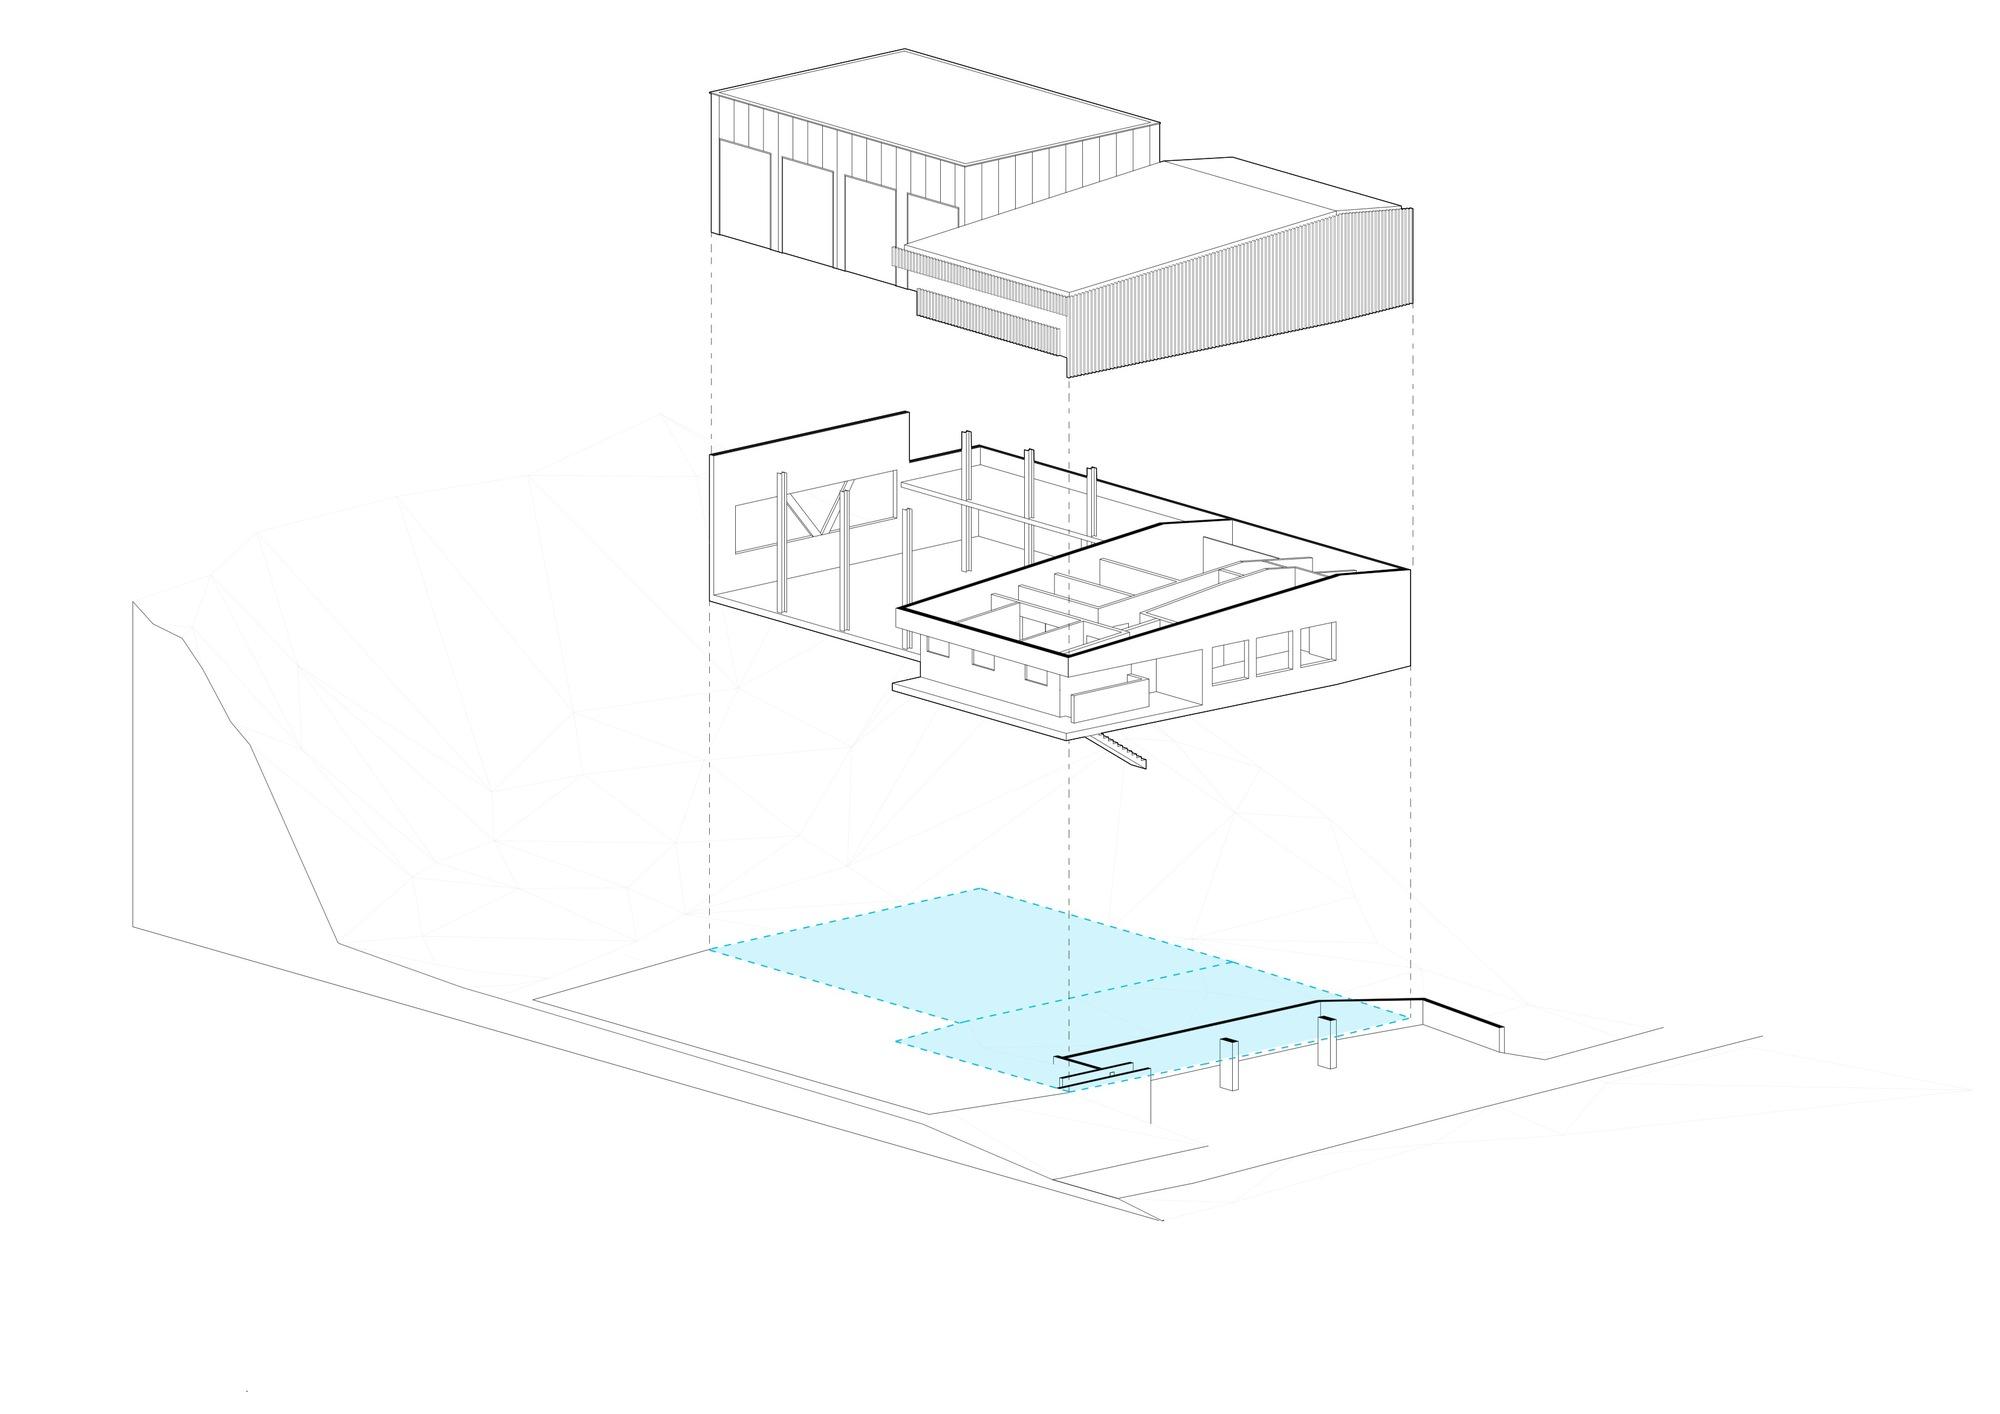 galer a de estaci n de bomberos de metzeral lo c picquet architecte 28. Black Bedroom Furniture Sets. Home Design Ideas